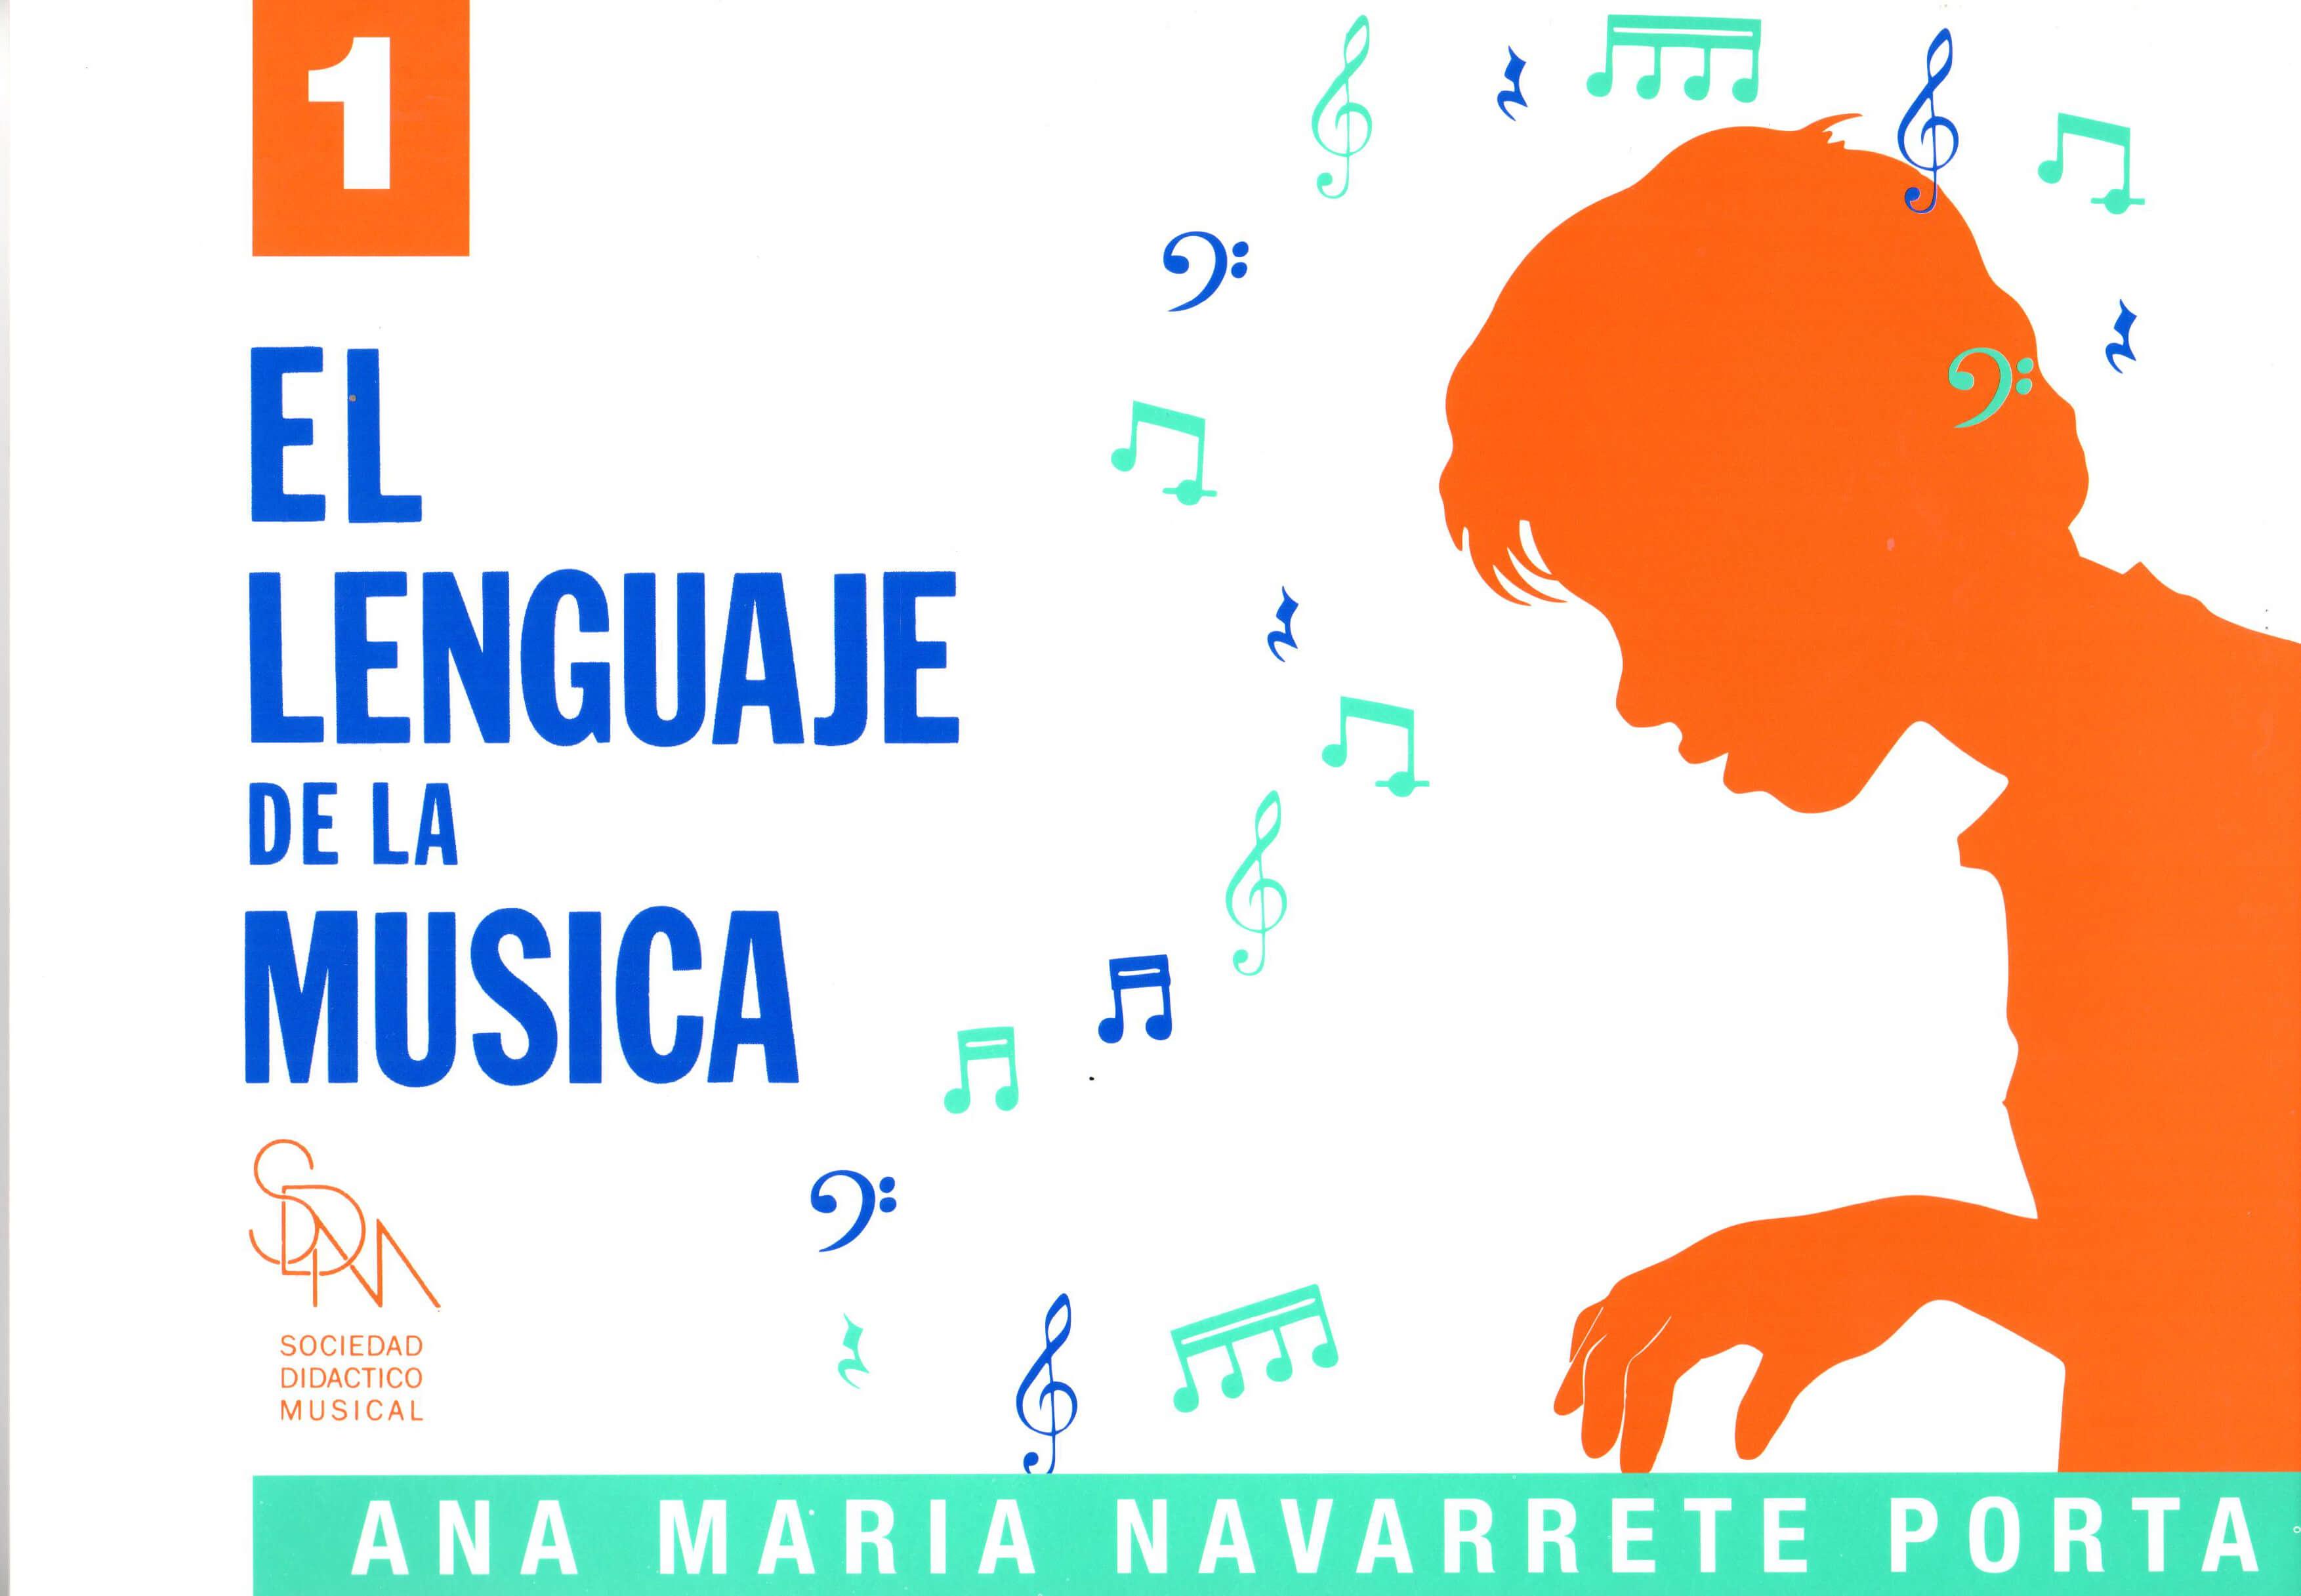 El Lenguaje De La Musica  Volumen .1 Navarrete